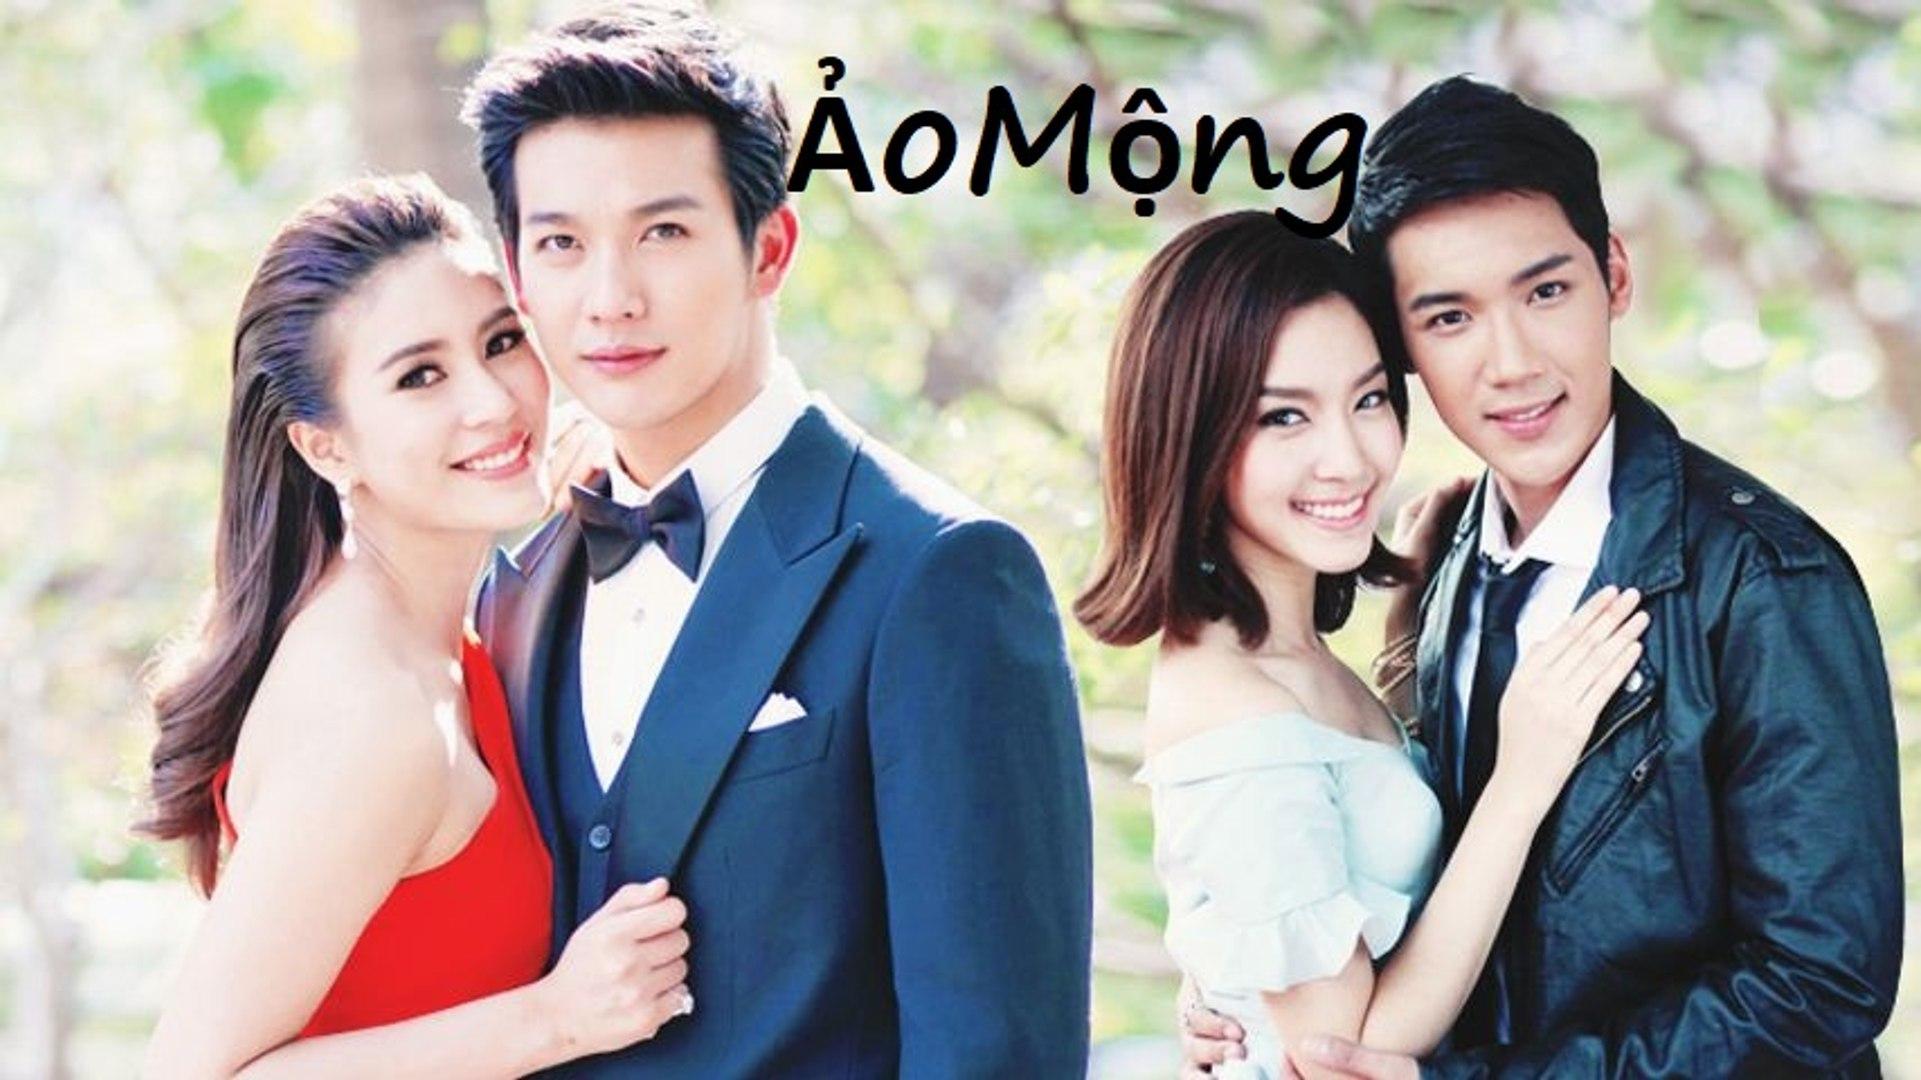 Phim Ảo Mộng Tập 22 (Lồng Tiếng) - Phim Thái Lan - Phim Tình Cảm